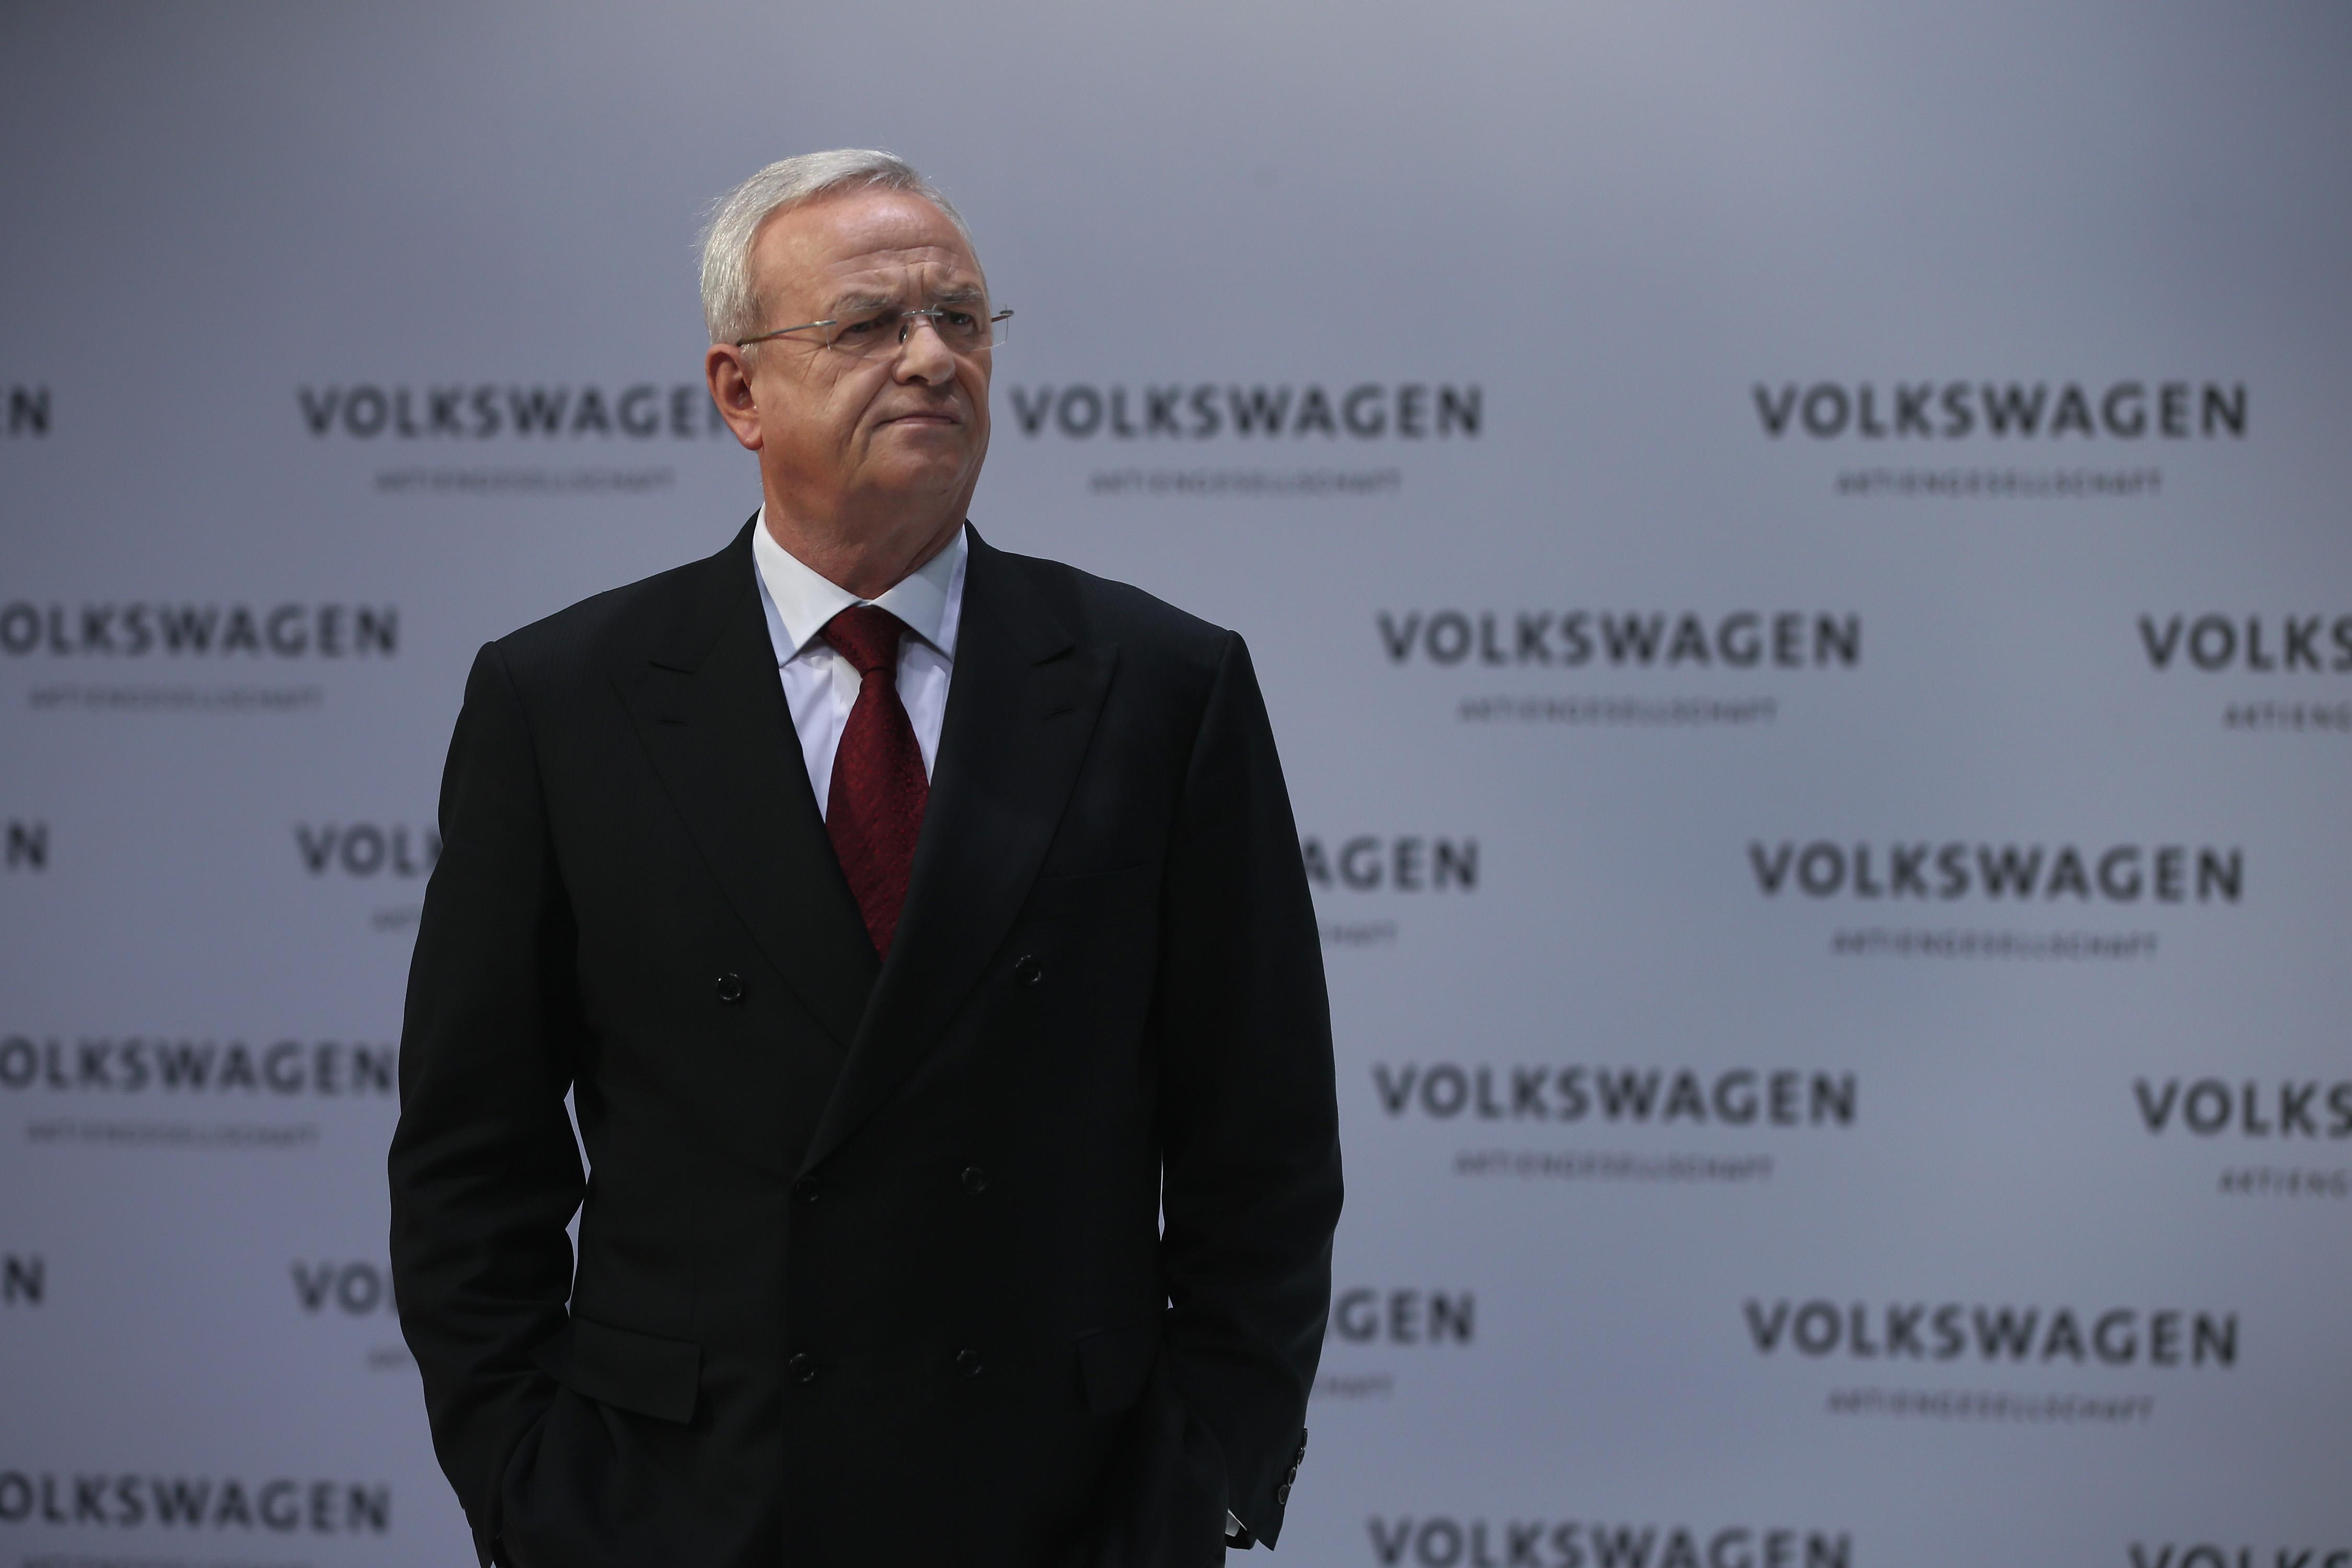 Volkswagen former CEO Martin Winterkorn.